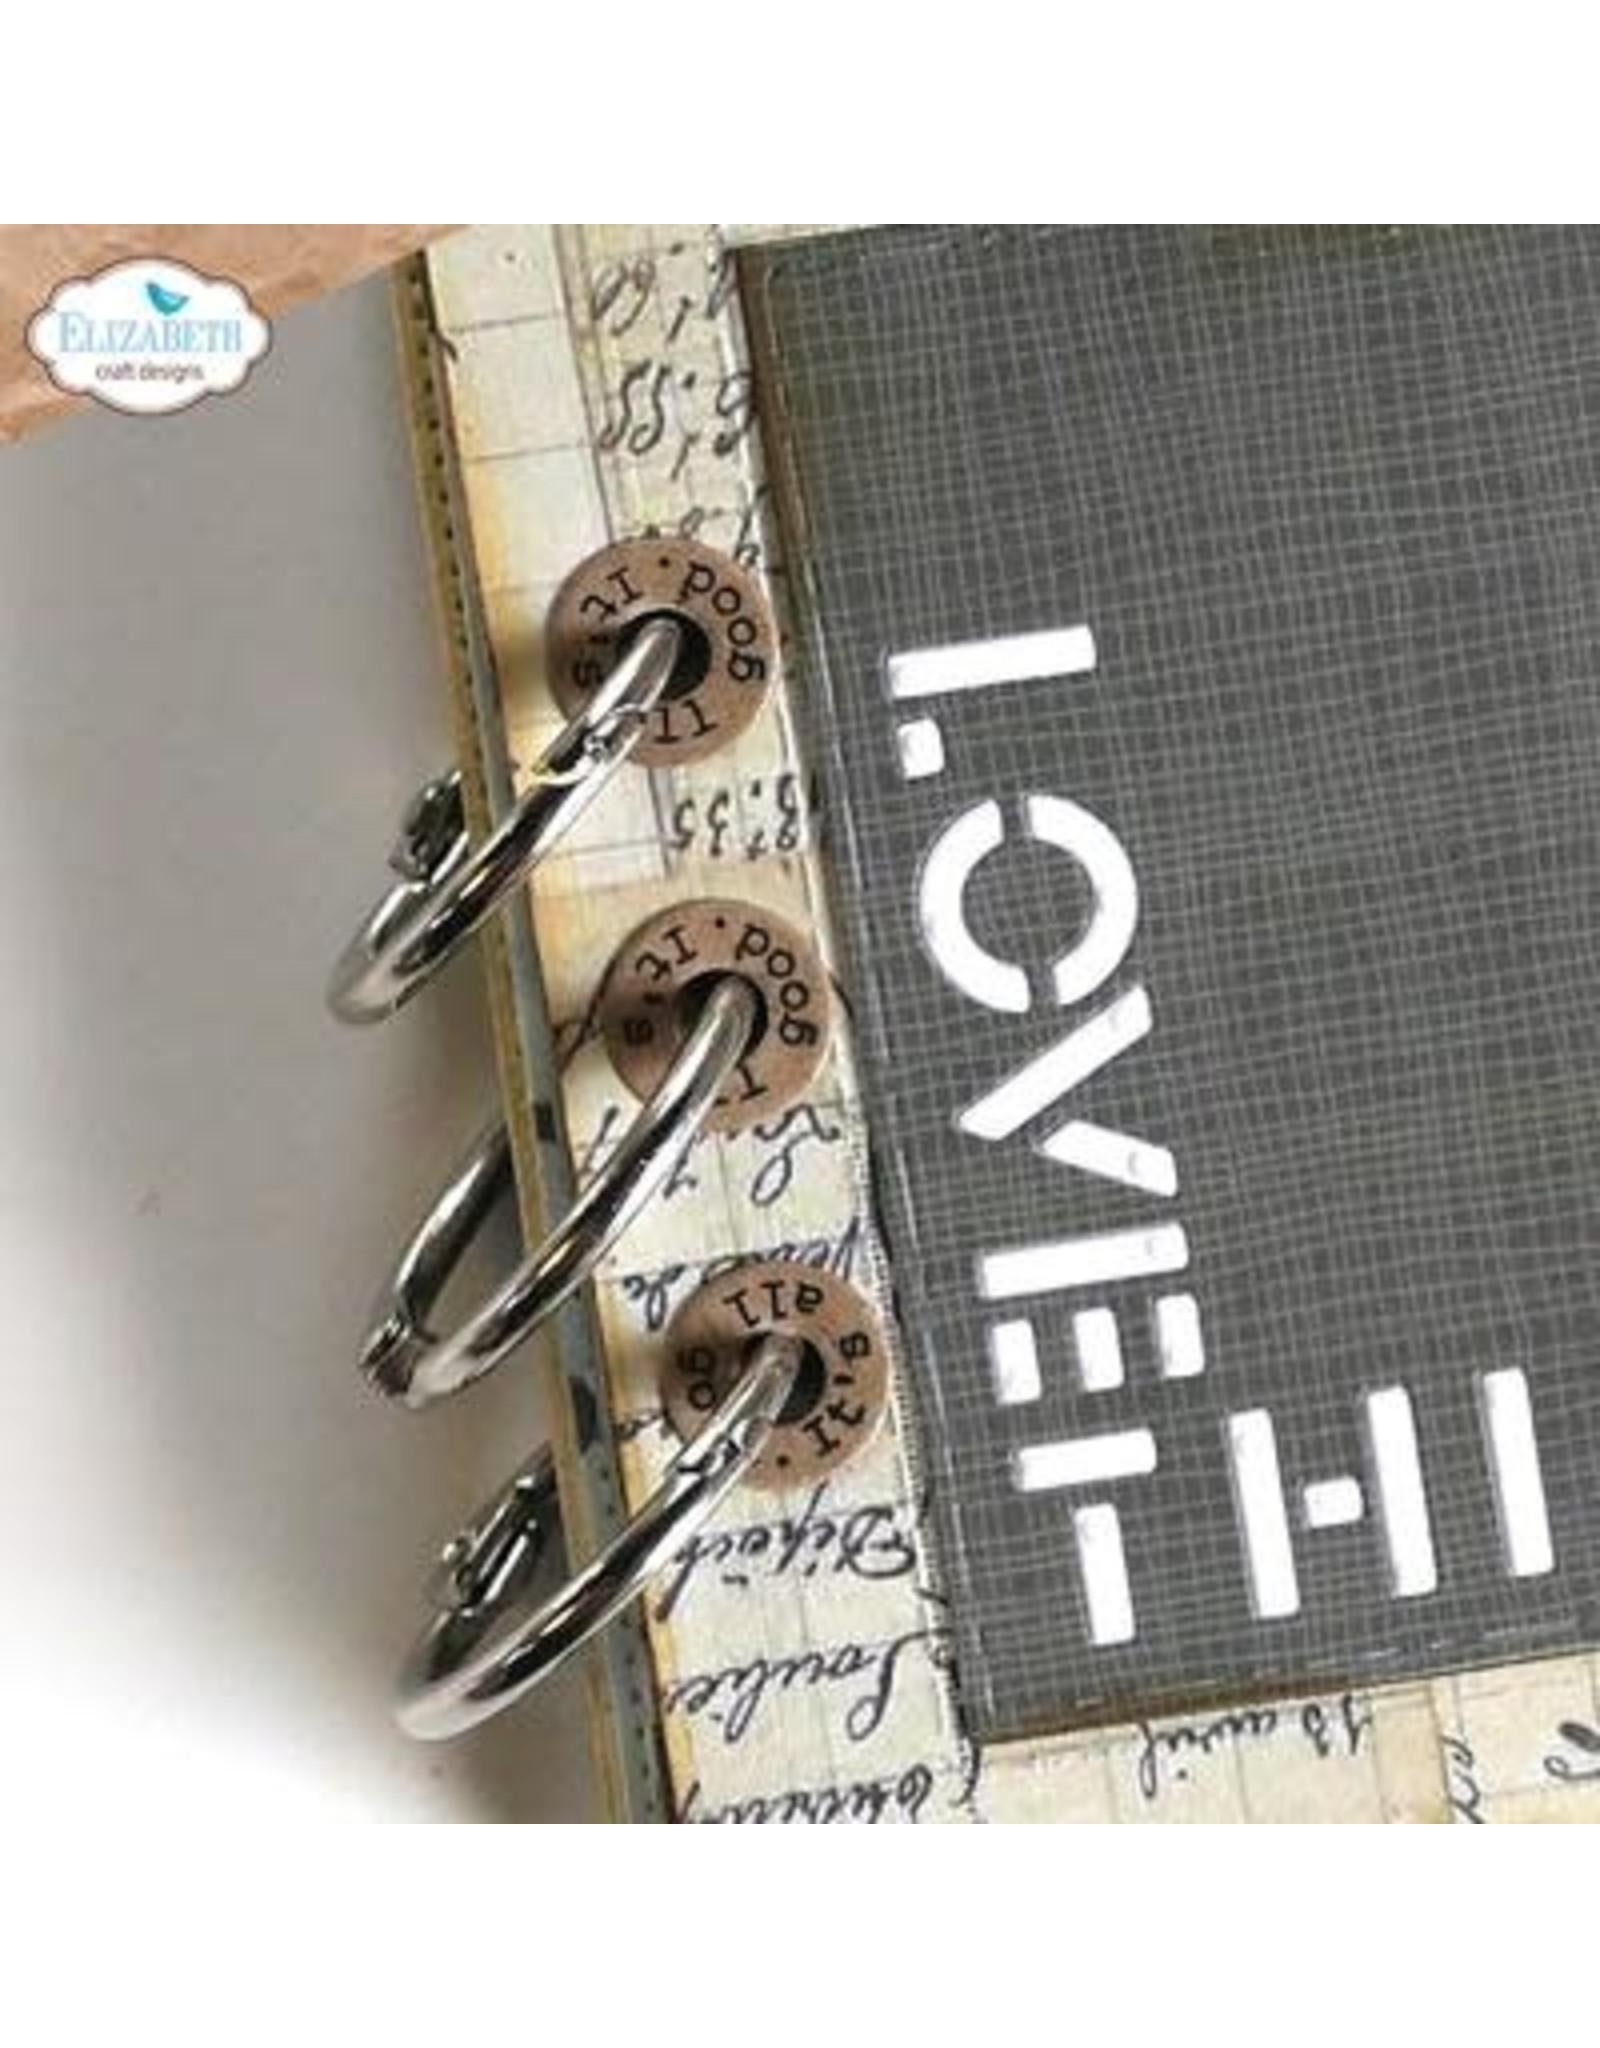 Elizabeth Craft Designs All The Details Stamp Set